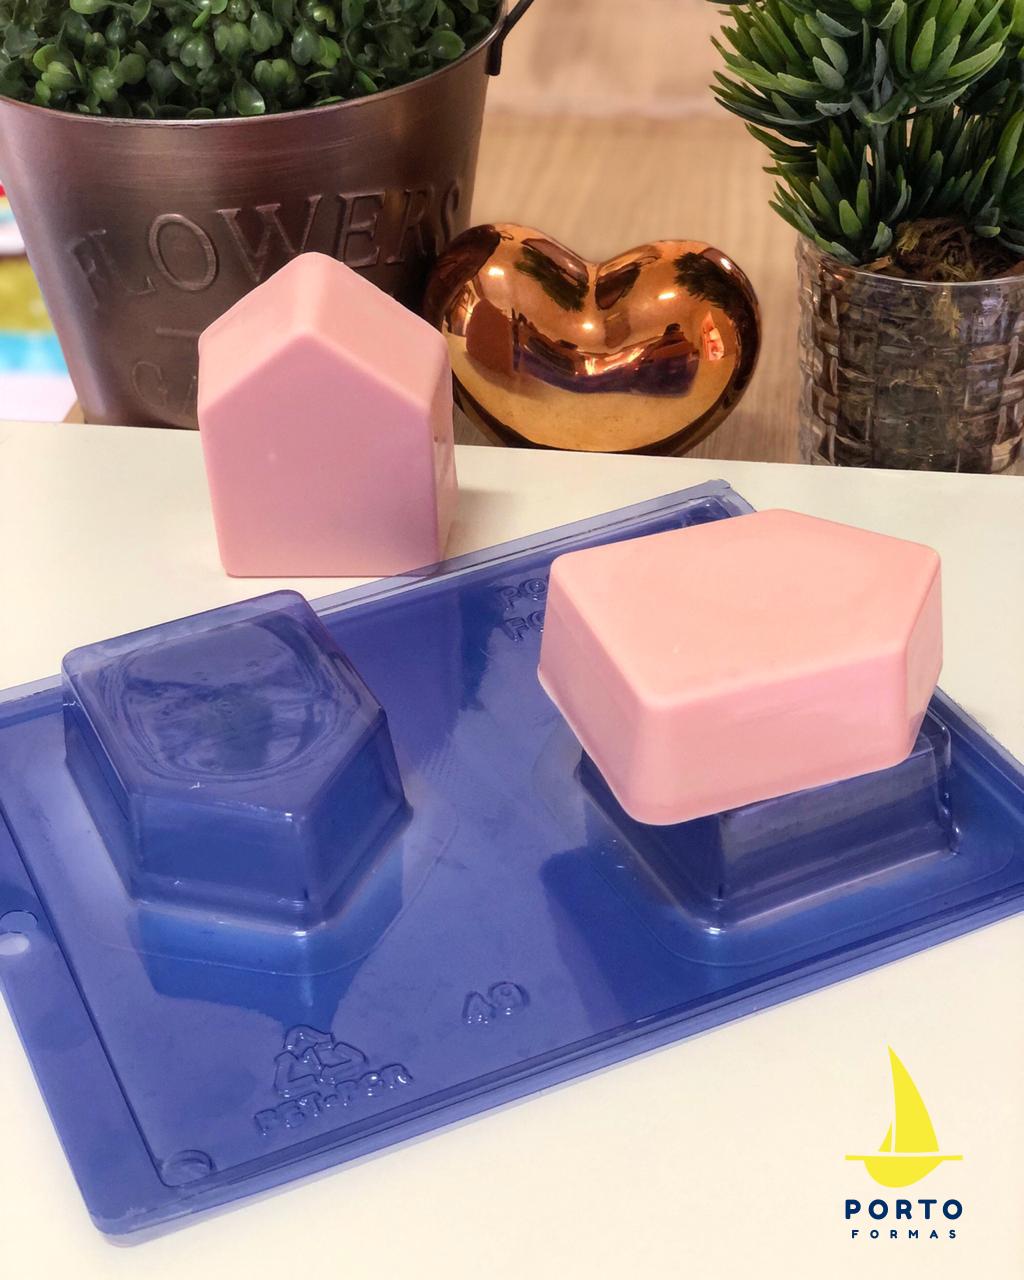 Imagen de producto: https://tienda.postreadiccion.com/img/articulos/secundarias14035-molde-49-portoformas-casitas-1.jpeg